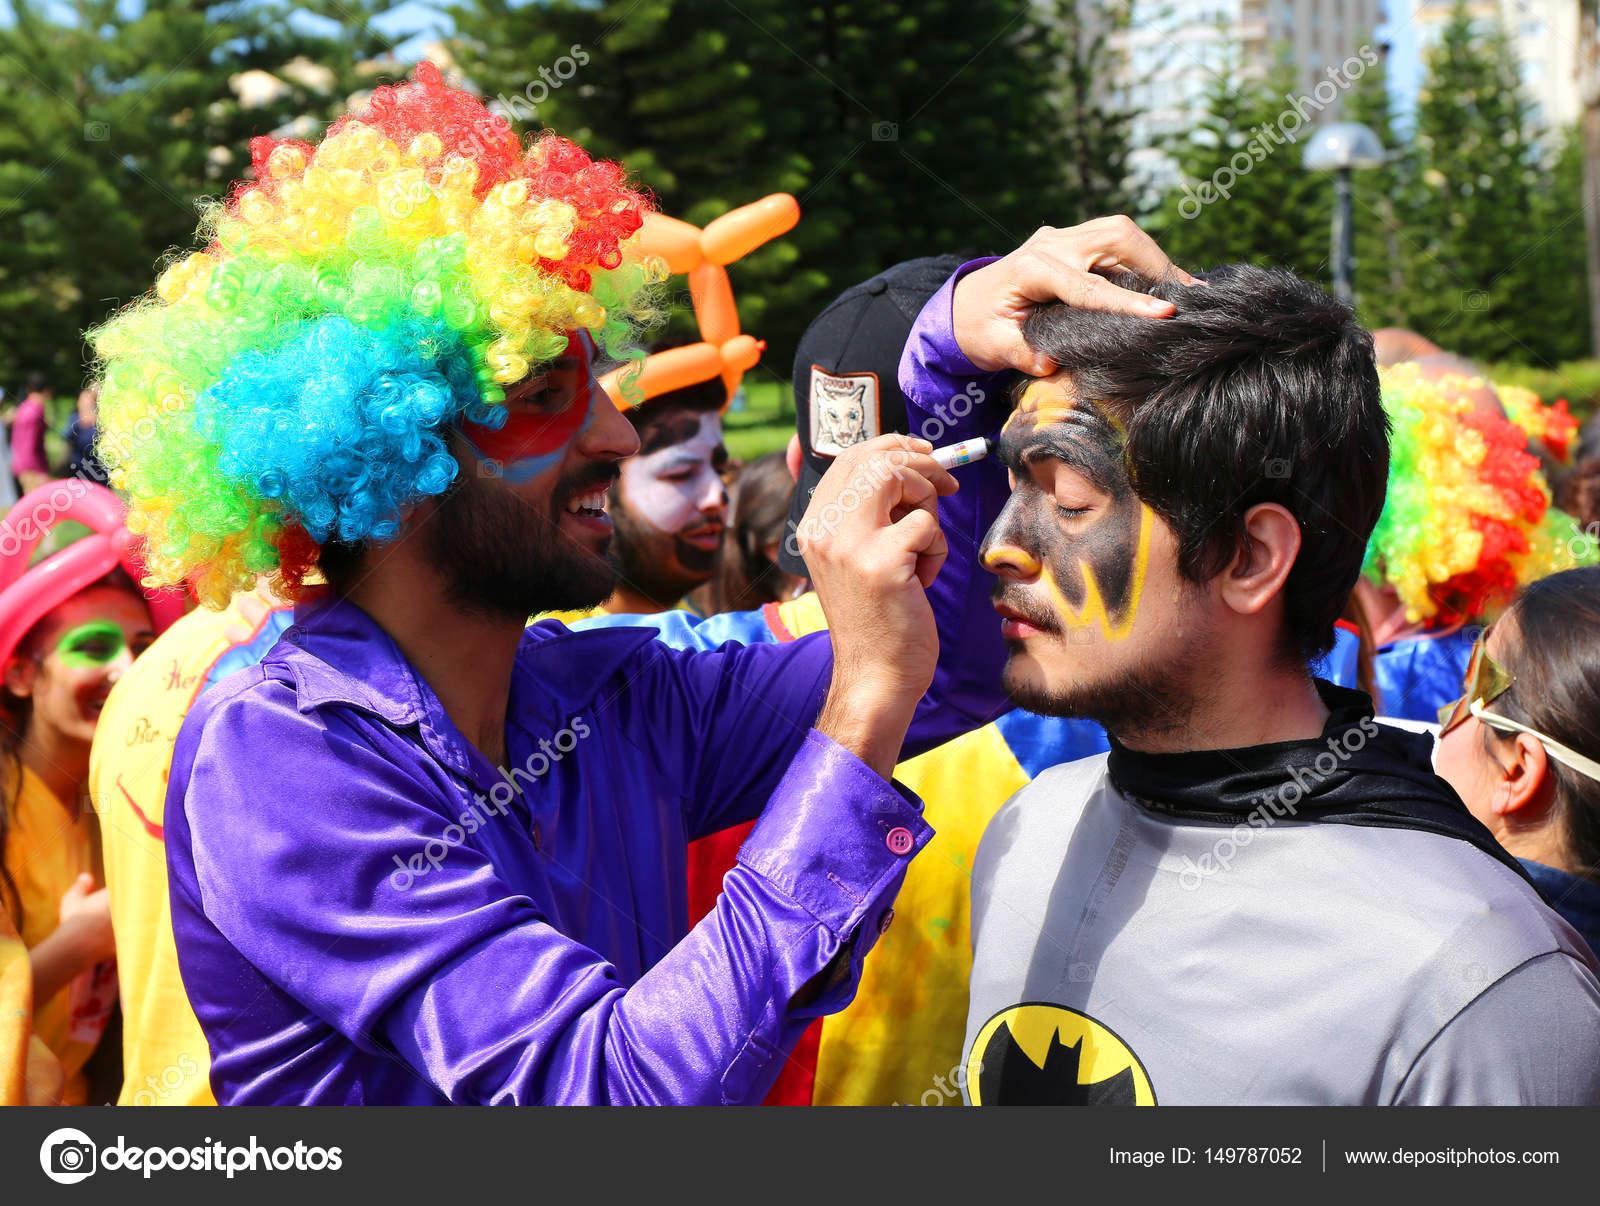 Kimliği Belirsiz Palyaço Boyama Batman Kostümın Yüz Orange Blossom